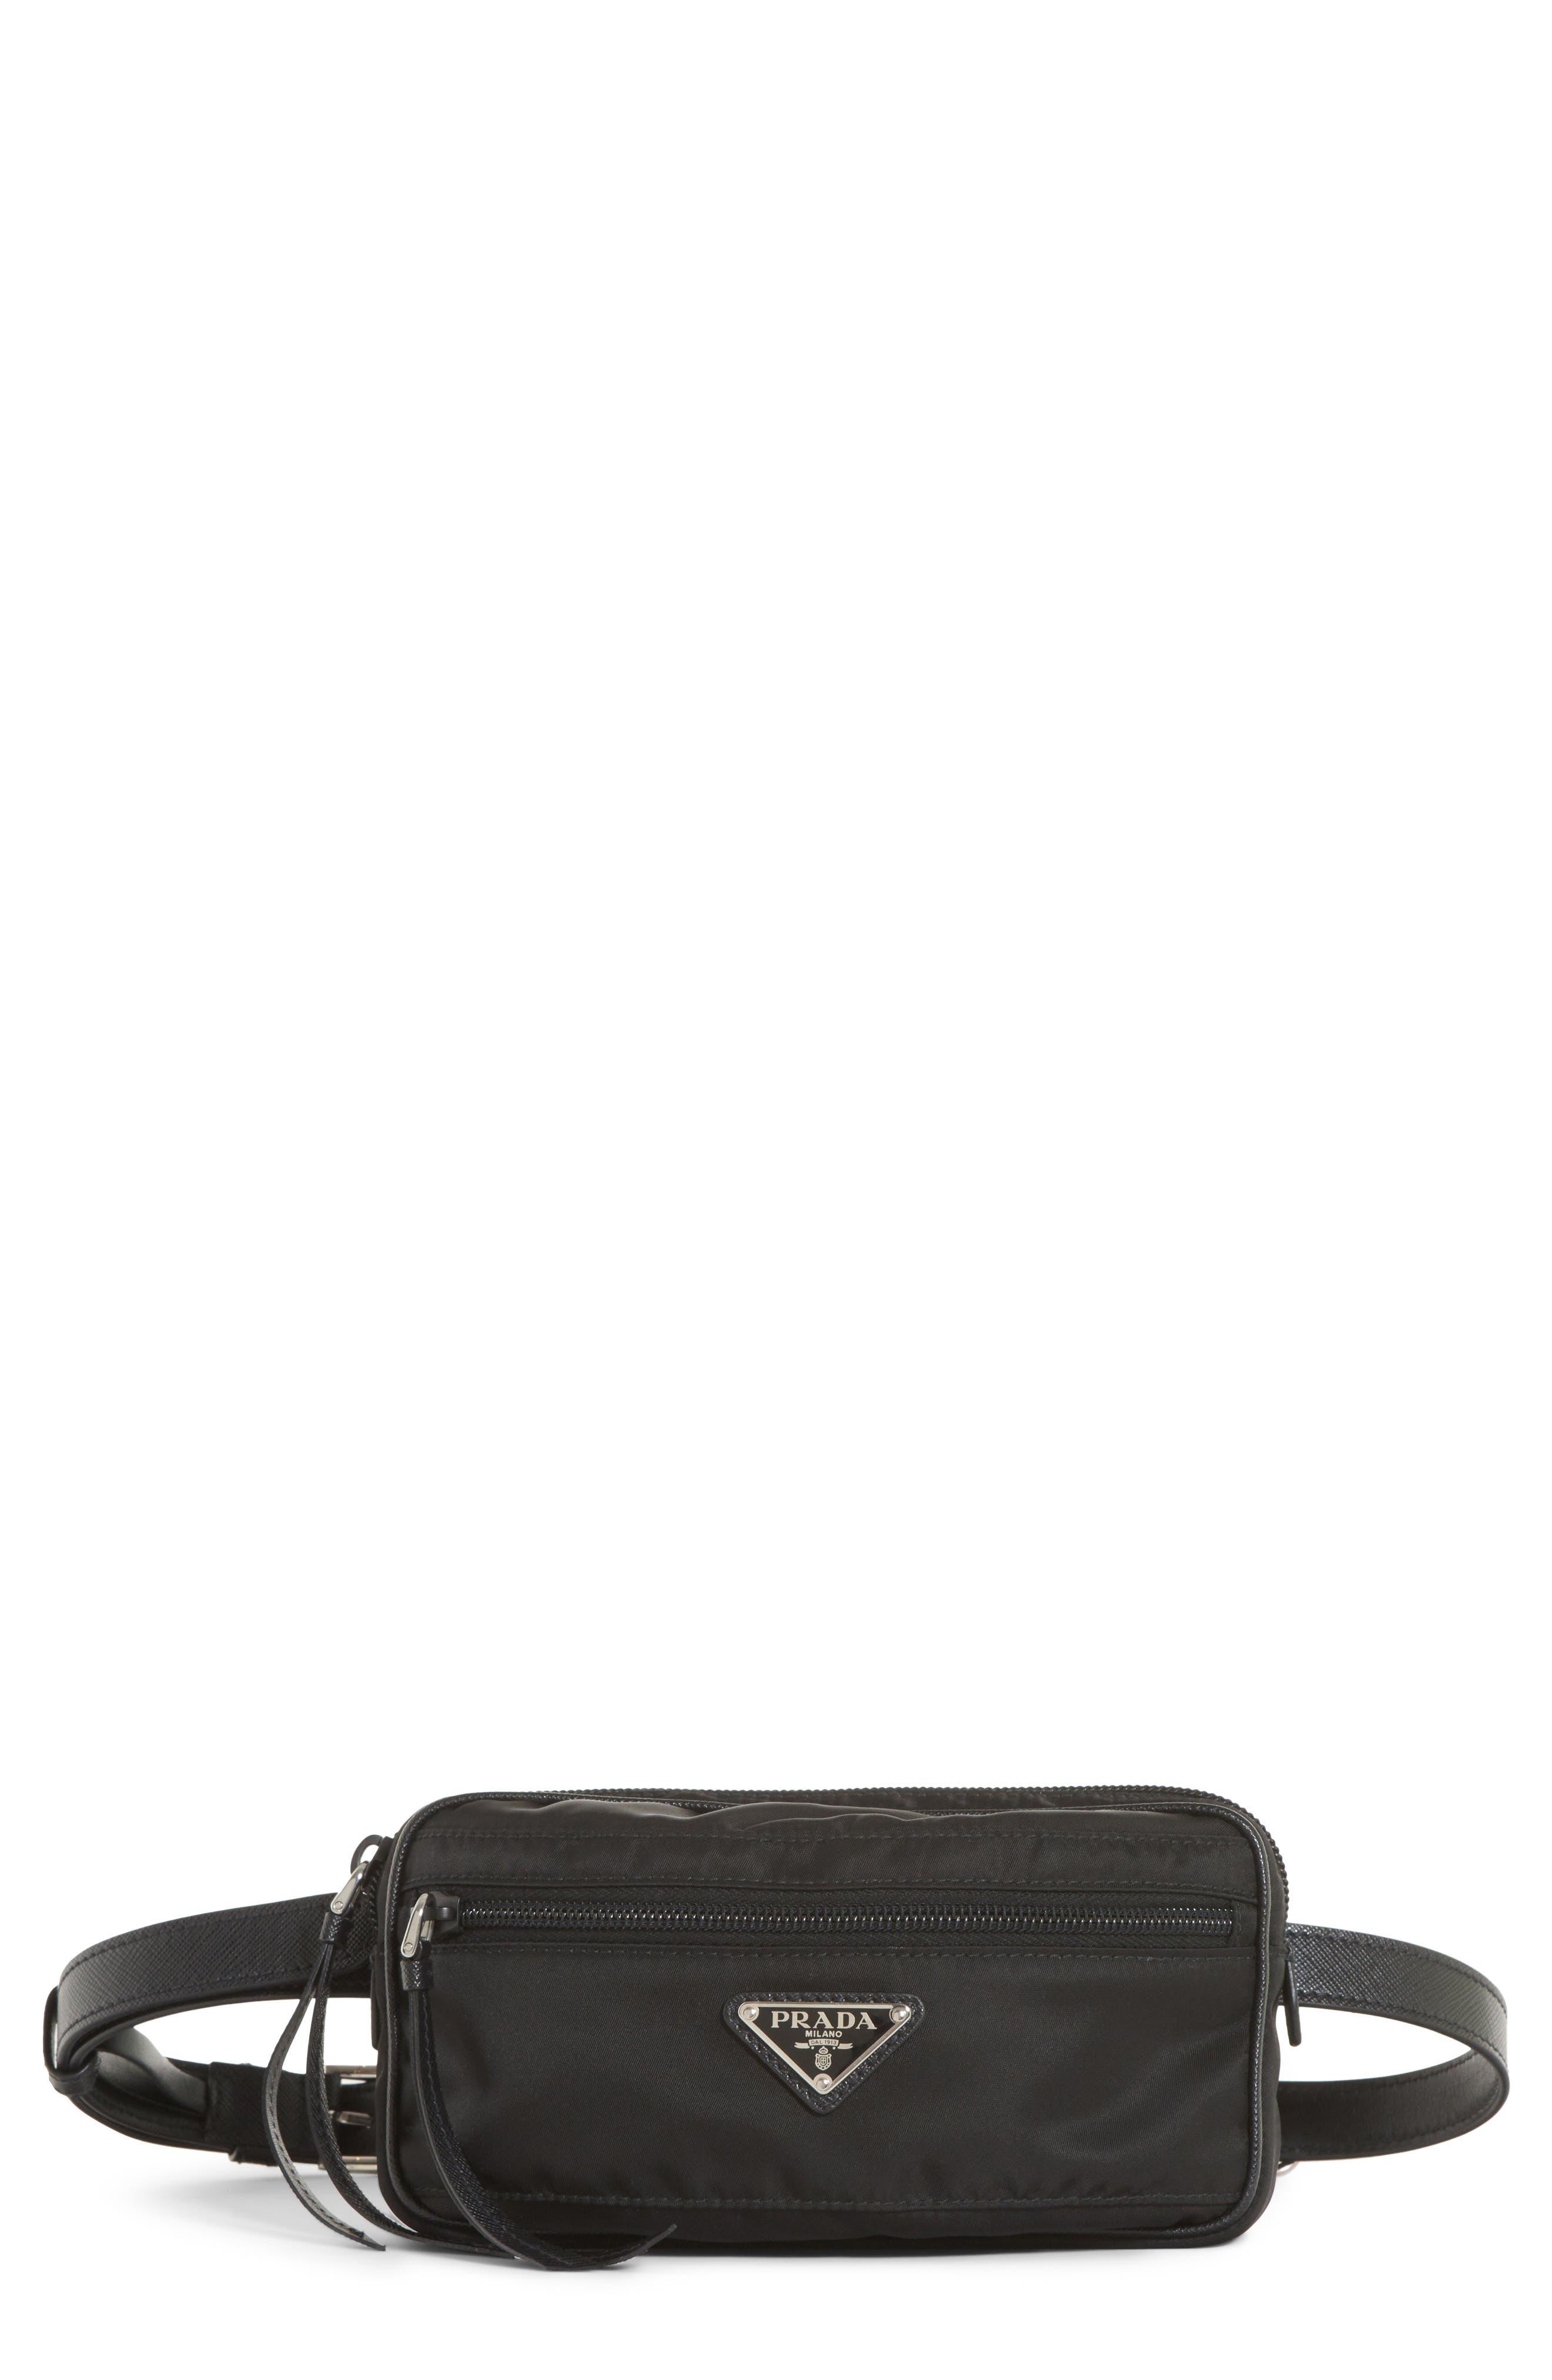 Prada Small Nylon Belt Bag   Nordstrom